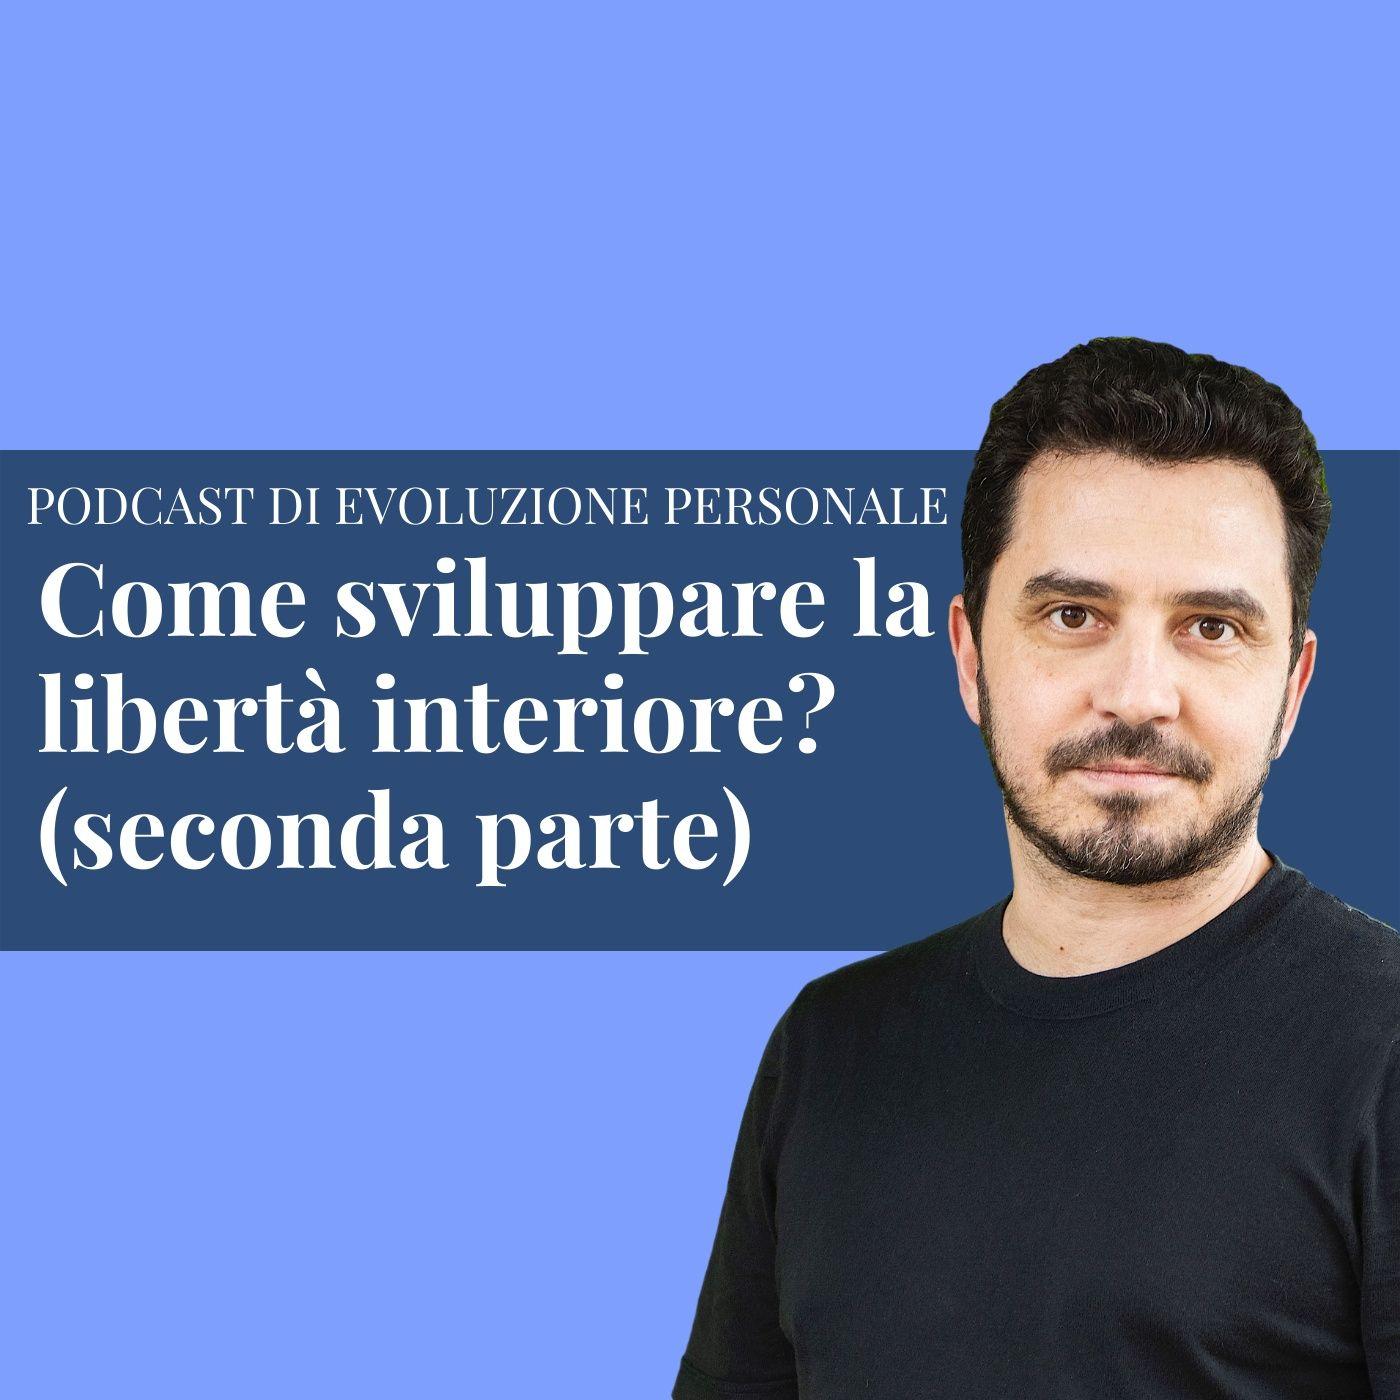 Episodio 183 -  Come sviluppare la libertà interiore? (seconda parte)